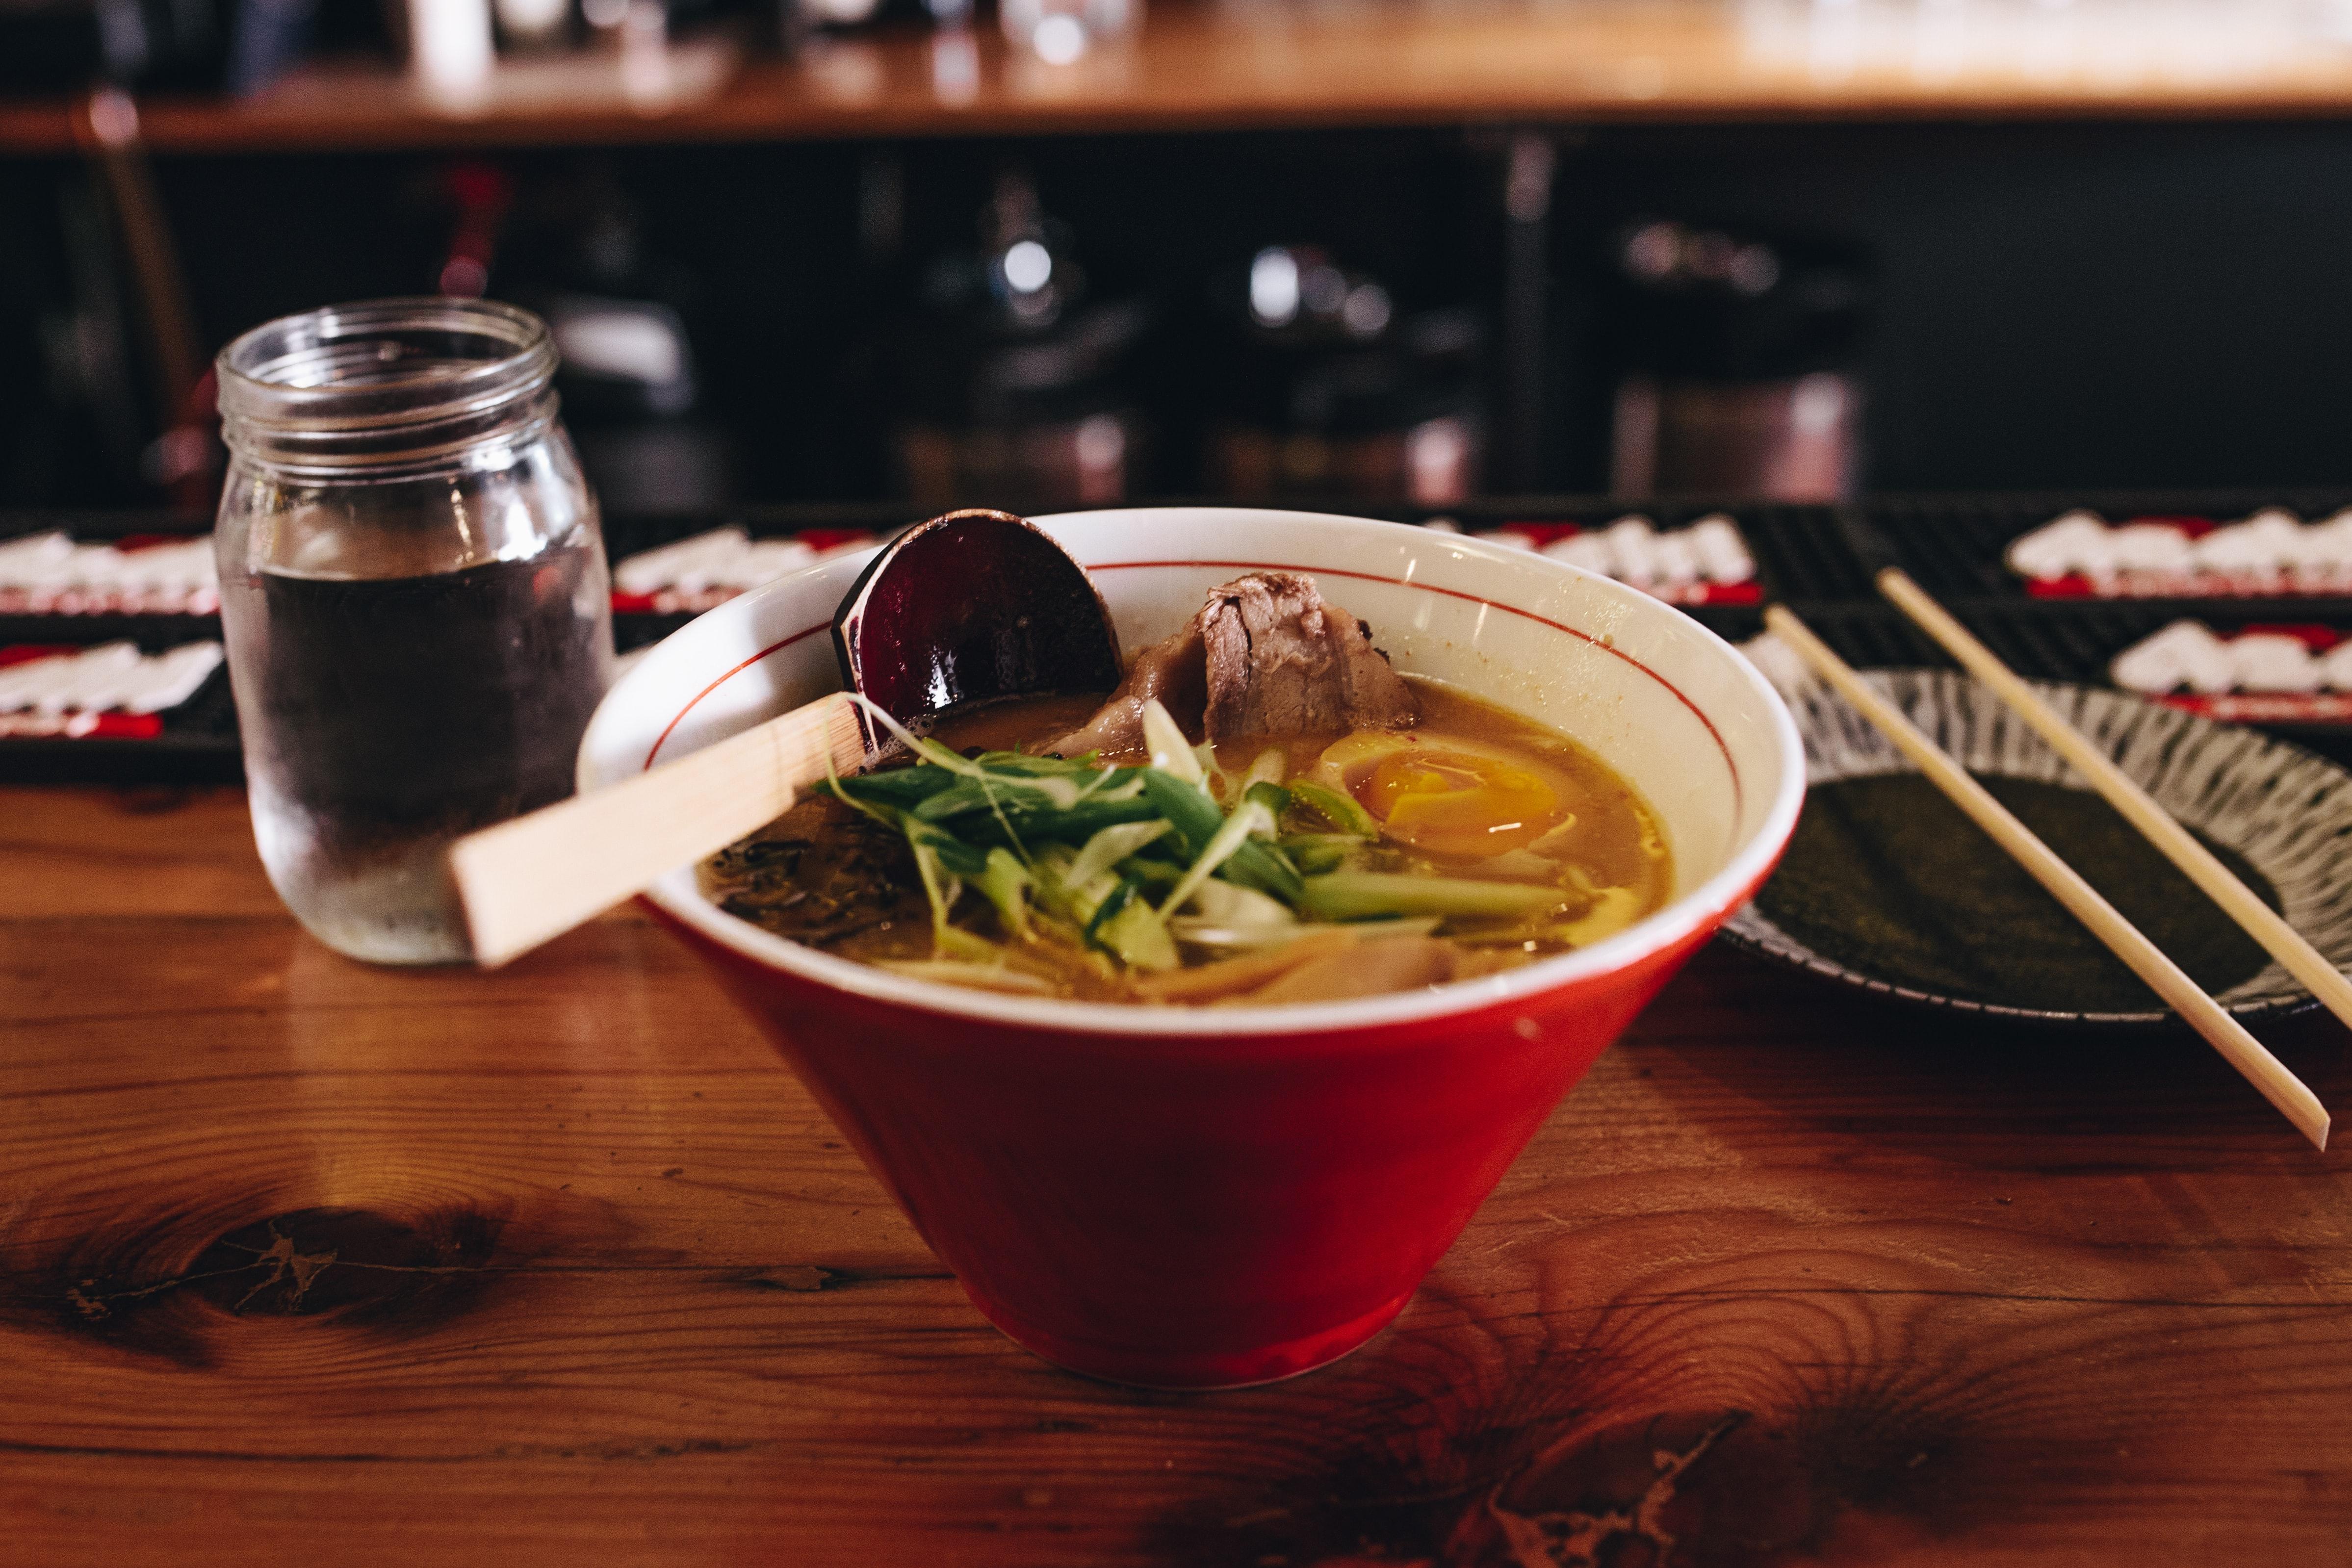 福岡・博多に来たら絶対行きたいおすすめの人気観光スポット11選!